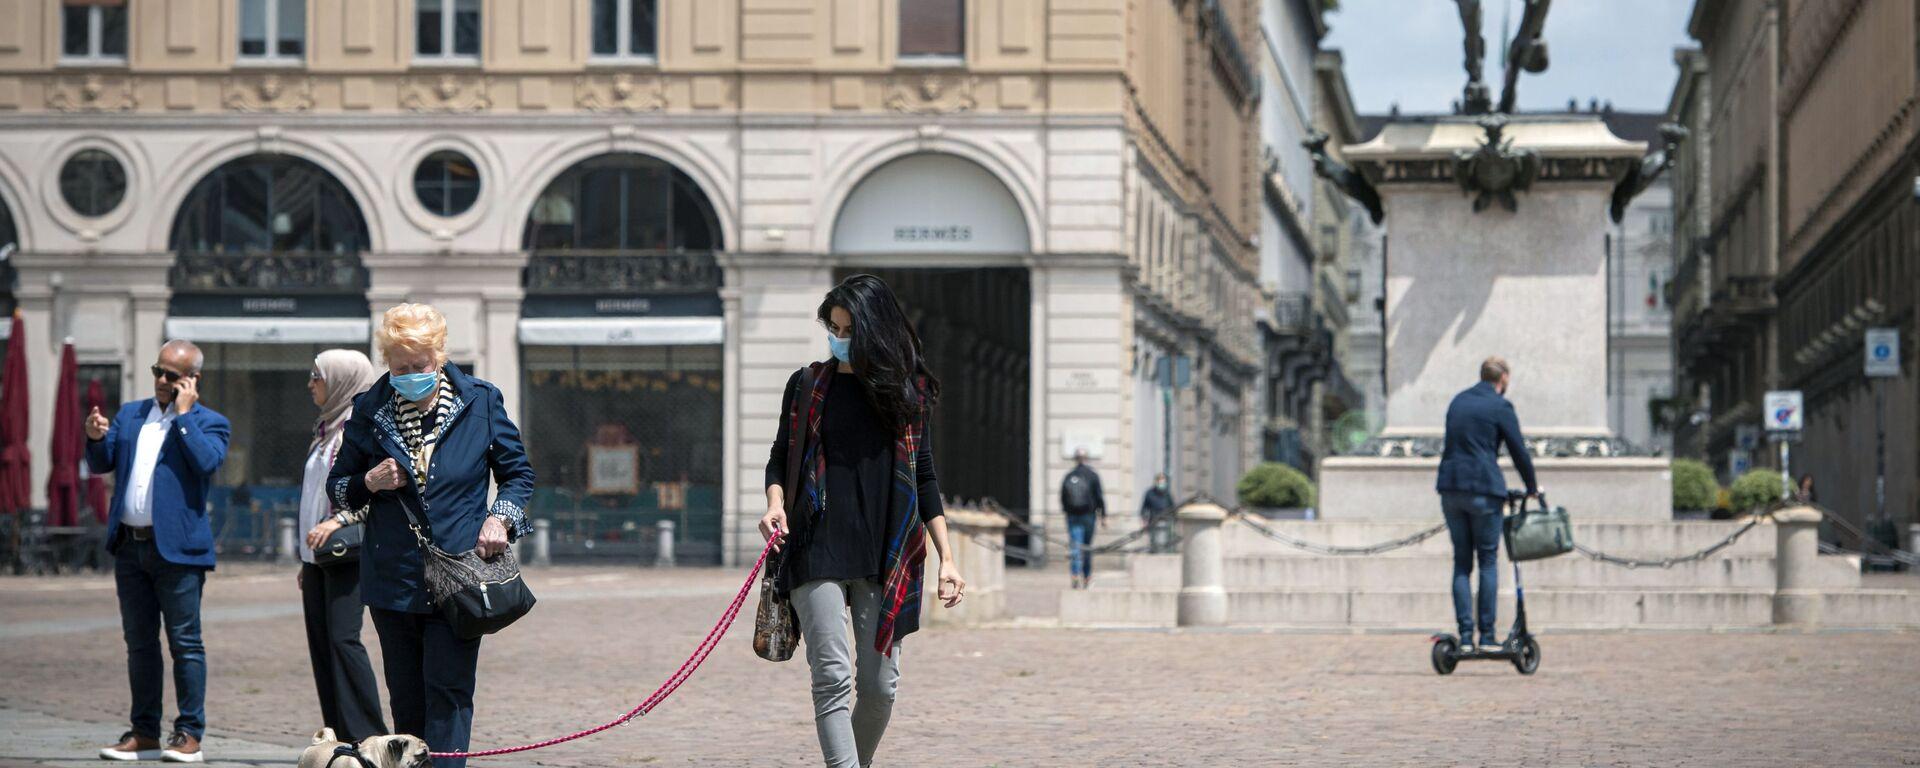 Cittadini in mascherine sulla piazza San Carlo a Torino - Sputnik Italia, 1920, 28.06.2021